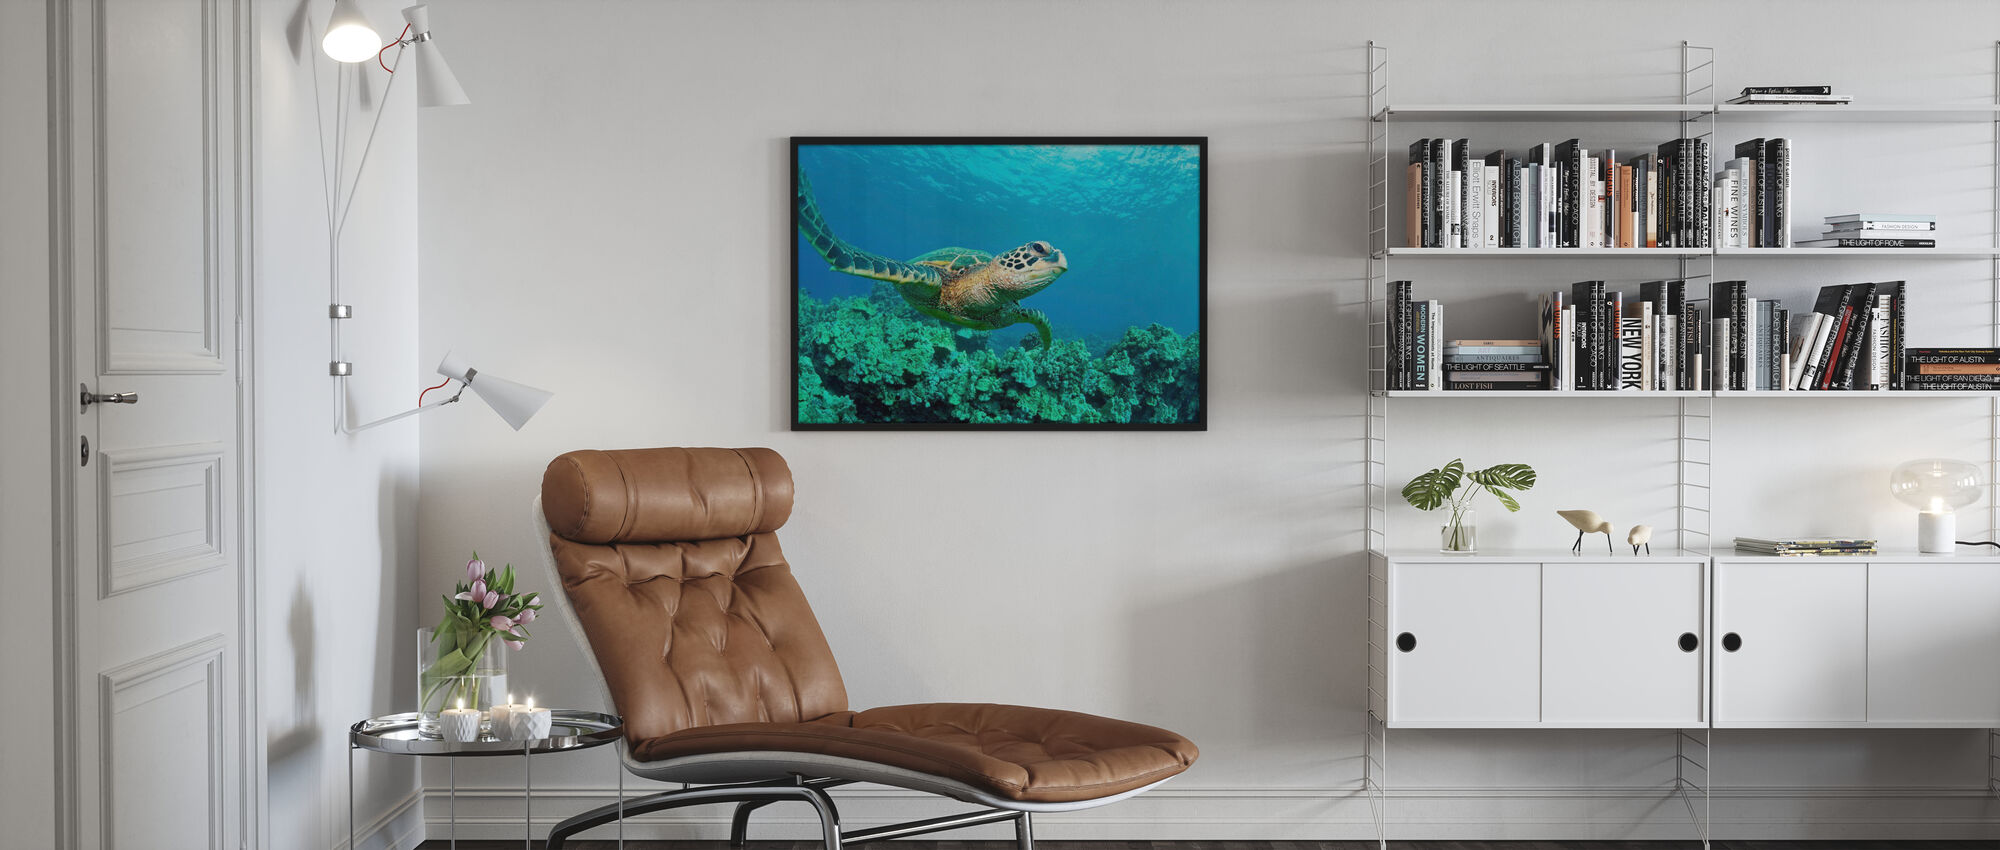 Havssköldpadda i korall - Poster - Vardagsrum